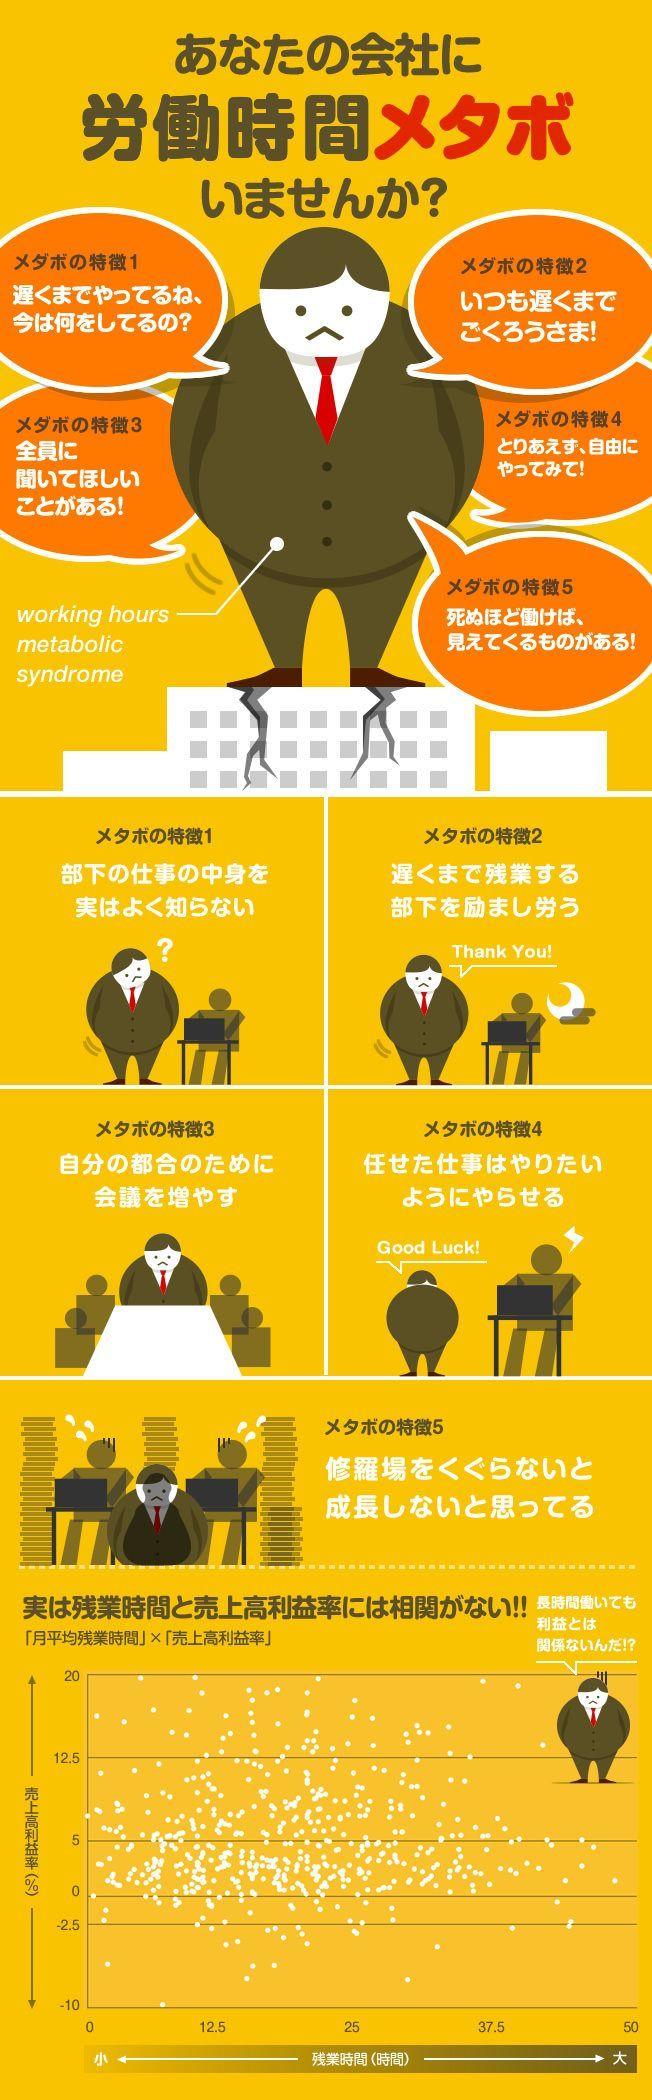 あなたの会社は「労働時間メタボ」じゃありませんか? | リクルートホールディングス - Recruit Holdings